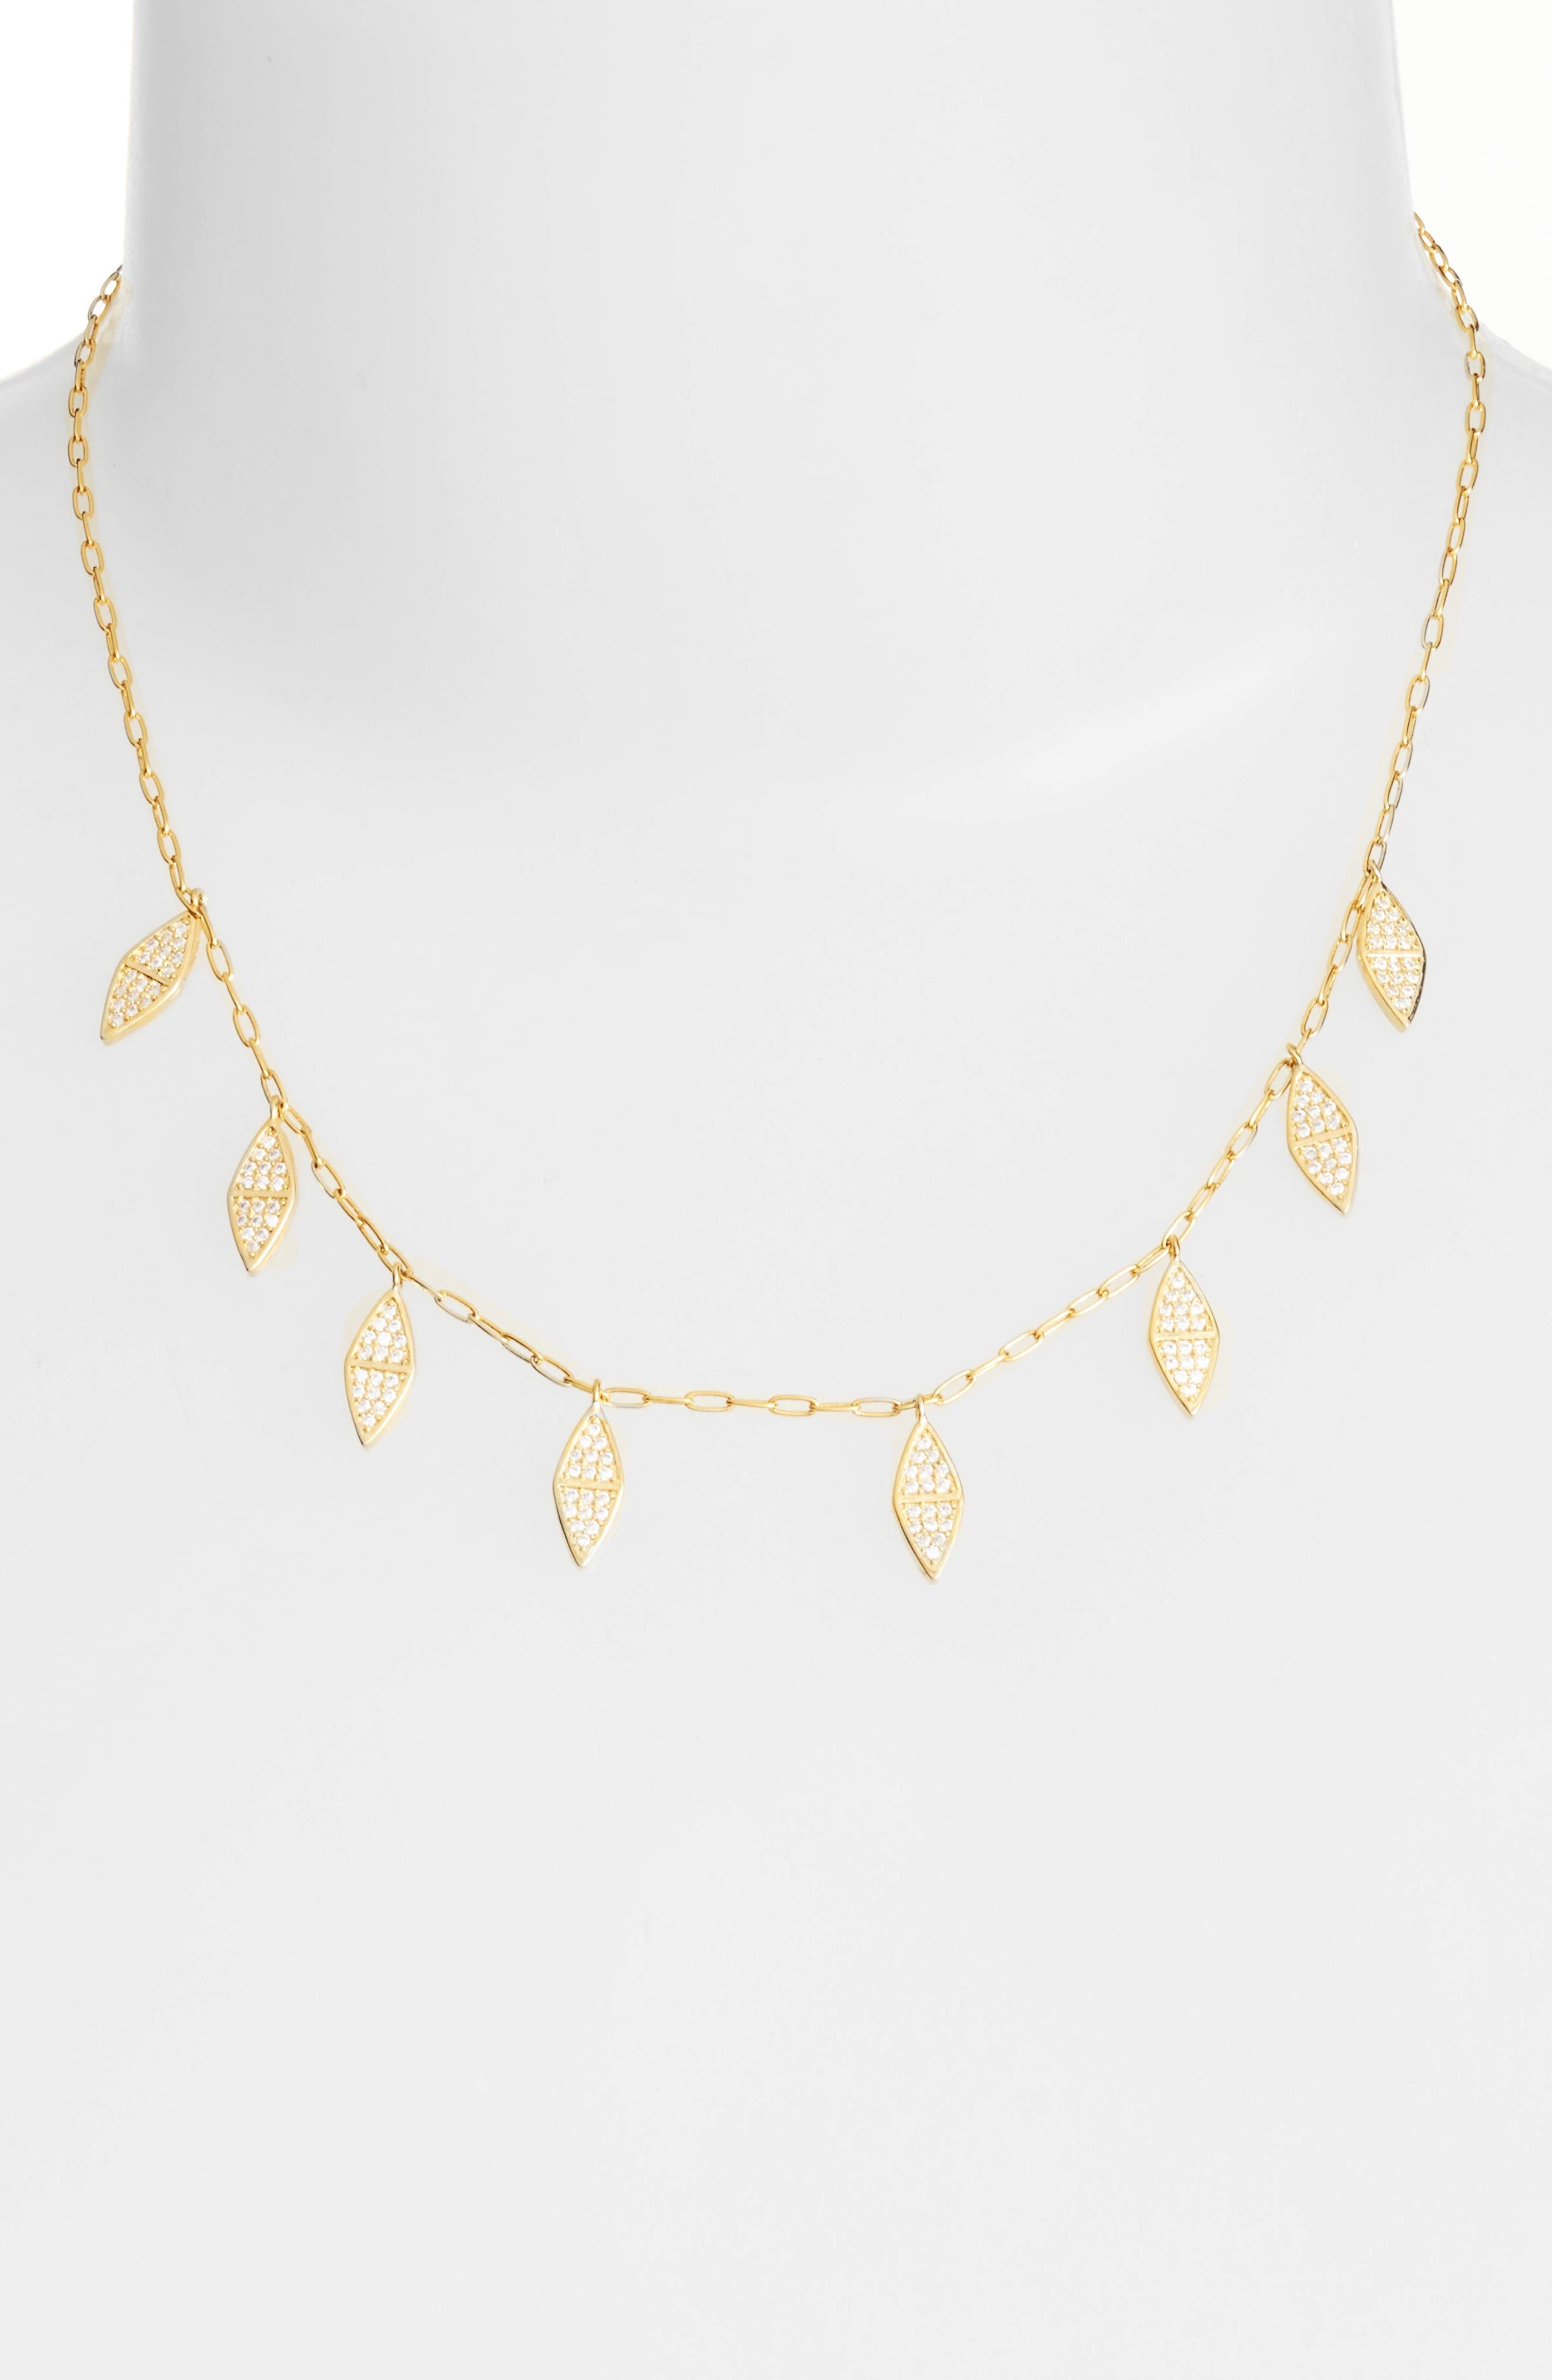 MELINDA MARIA Mini Fringe Collar Necklace